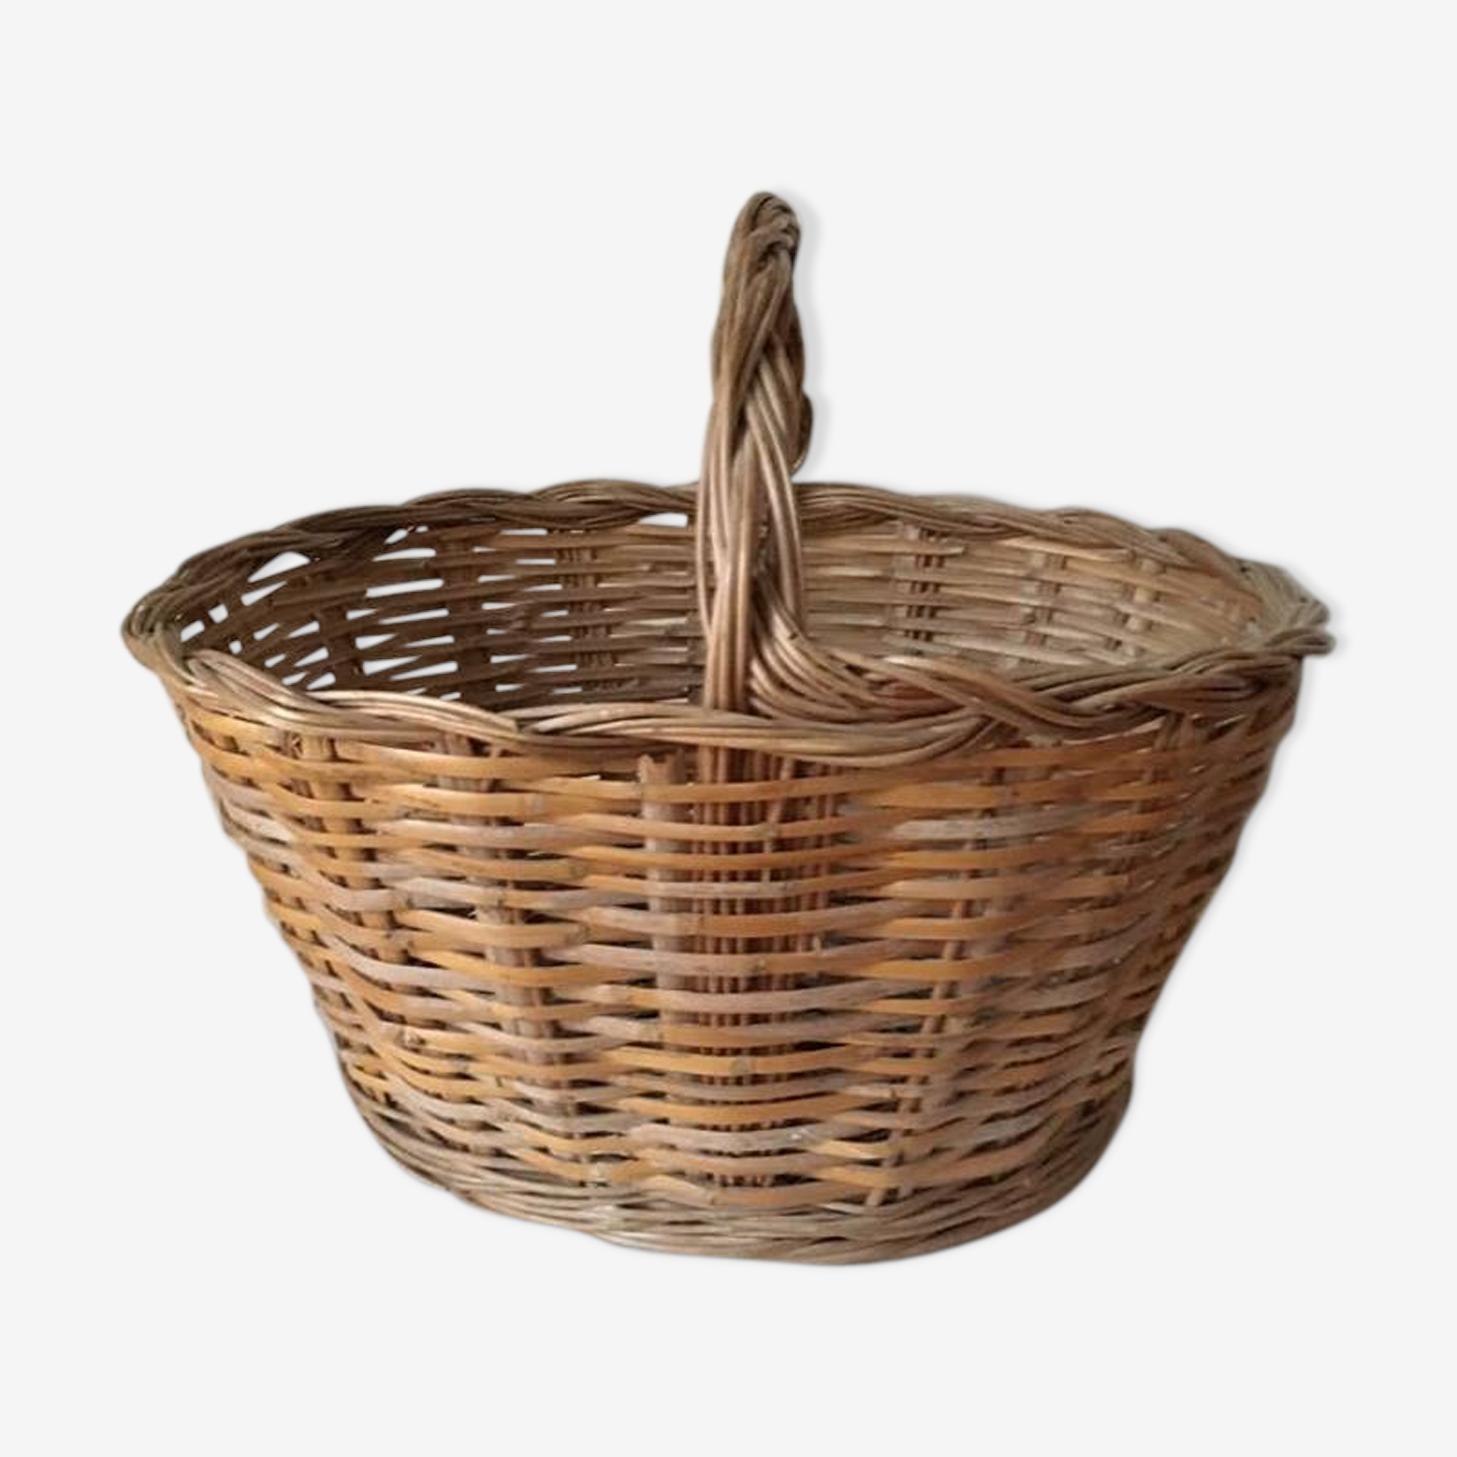 Big woven wicker basket